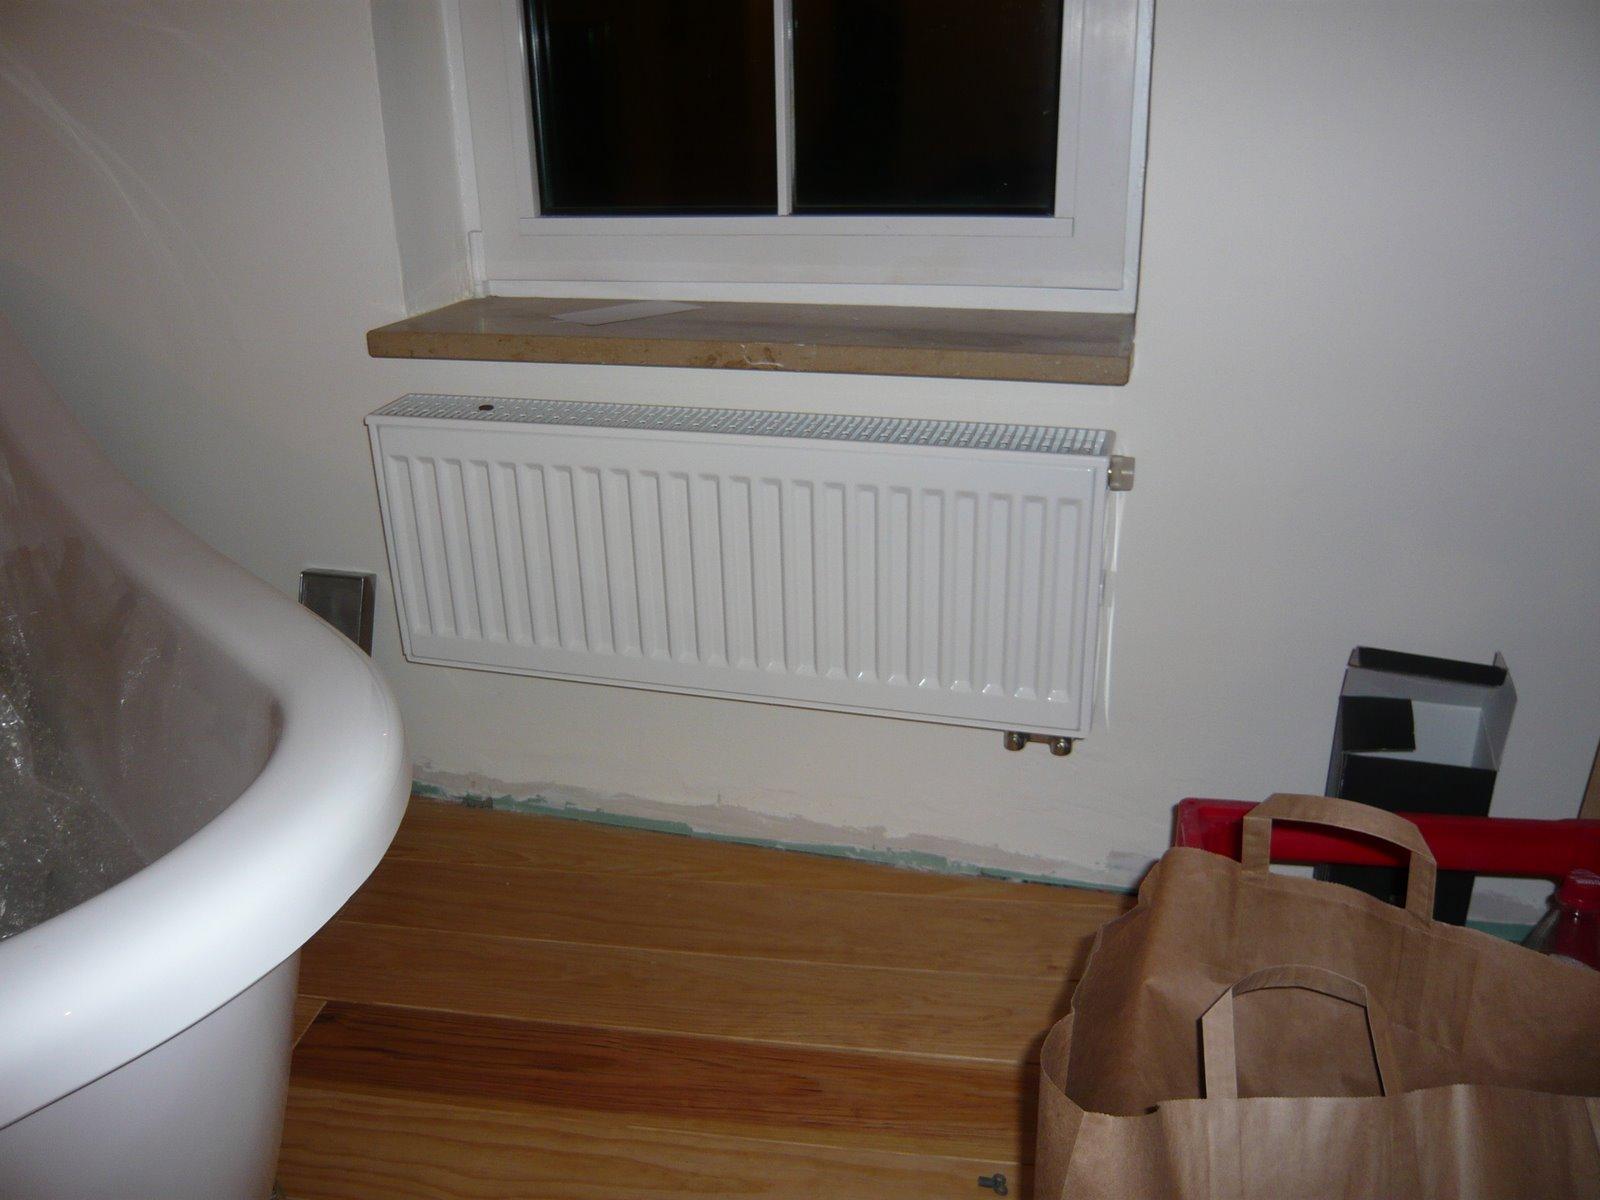 mopsis baublog heizk rper bef llt. Black Bedroom Furniture Sets. Home Design Ideas